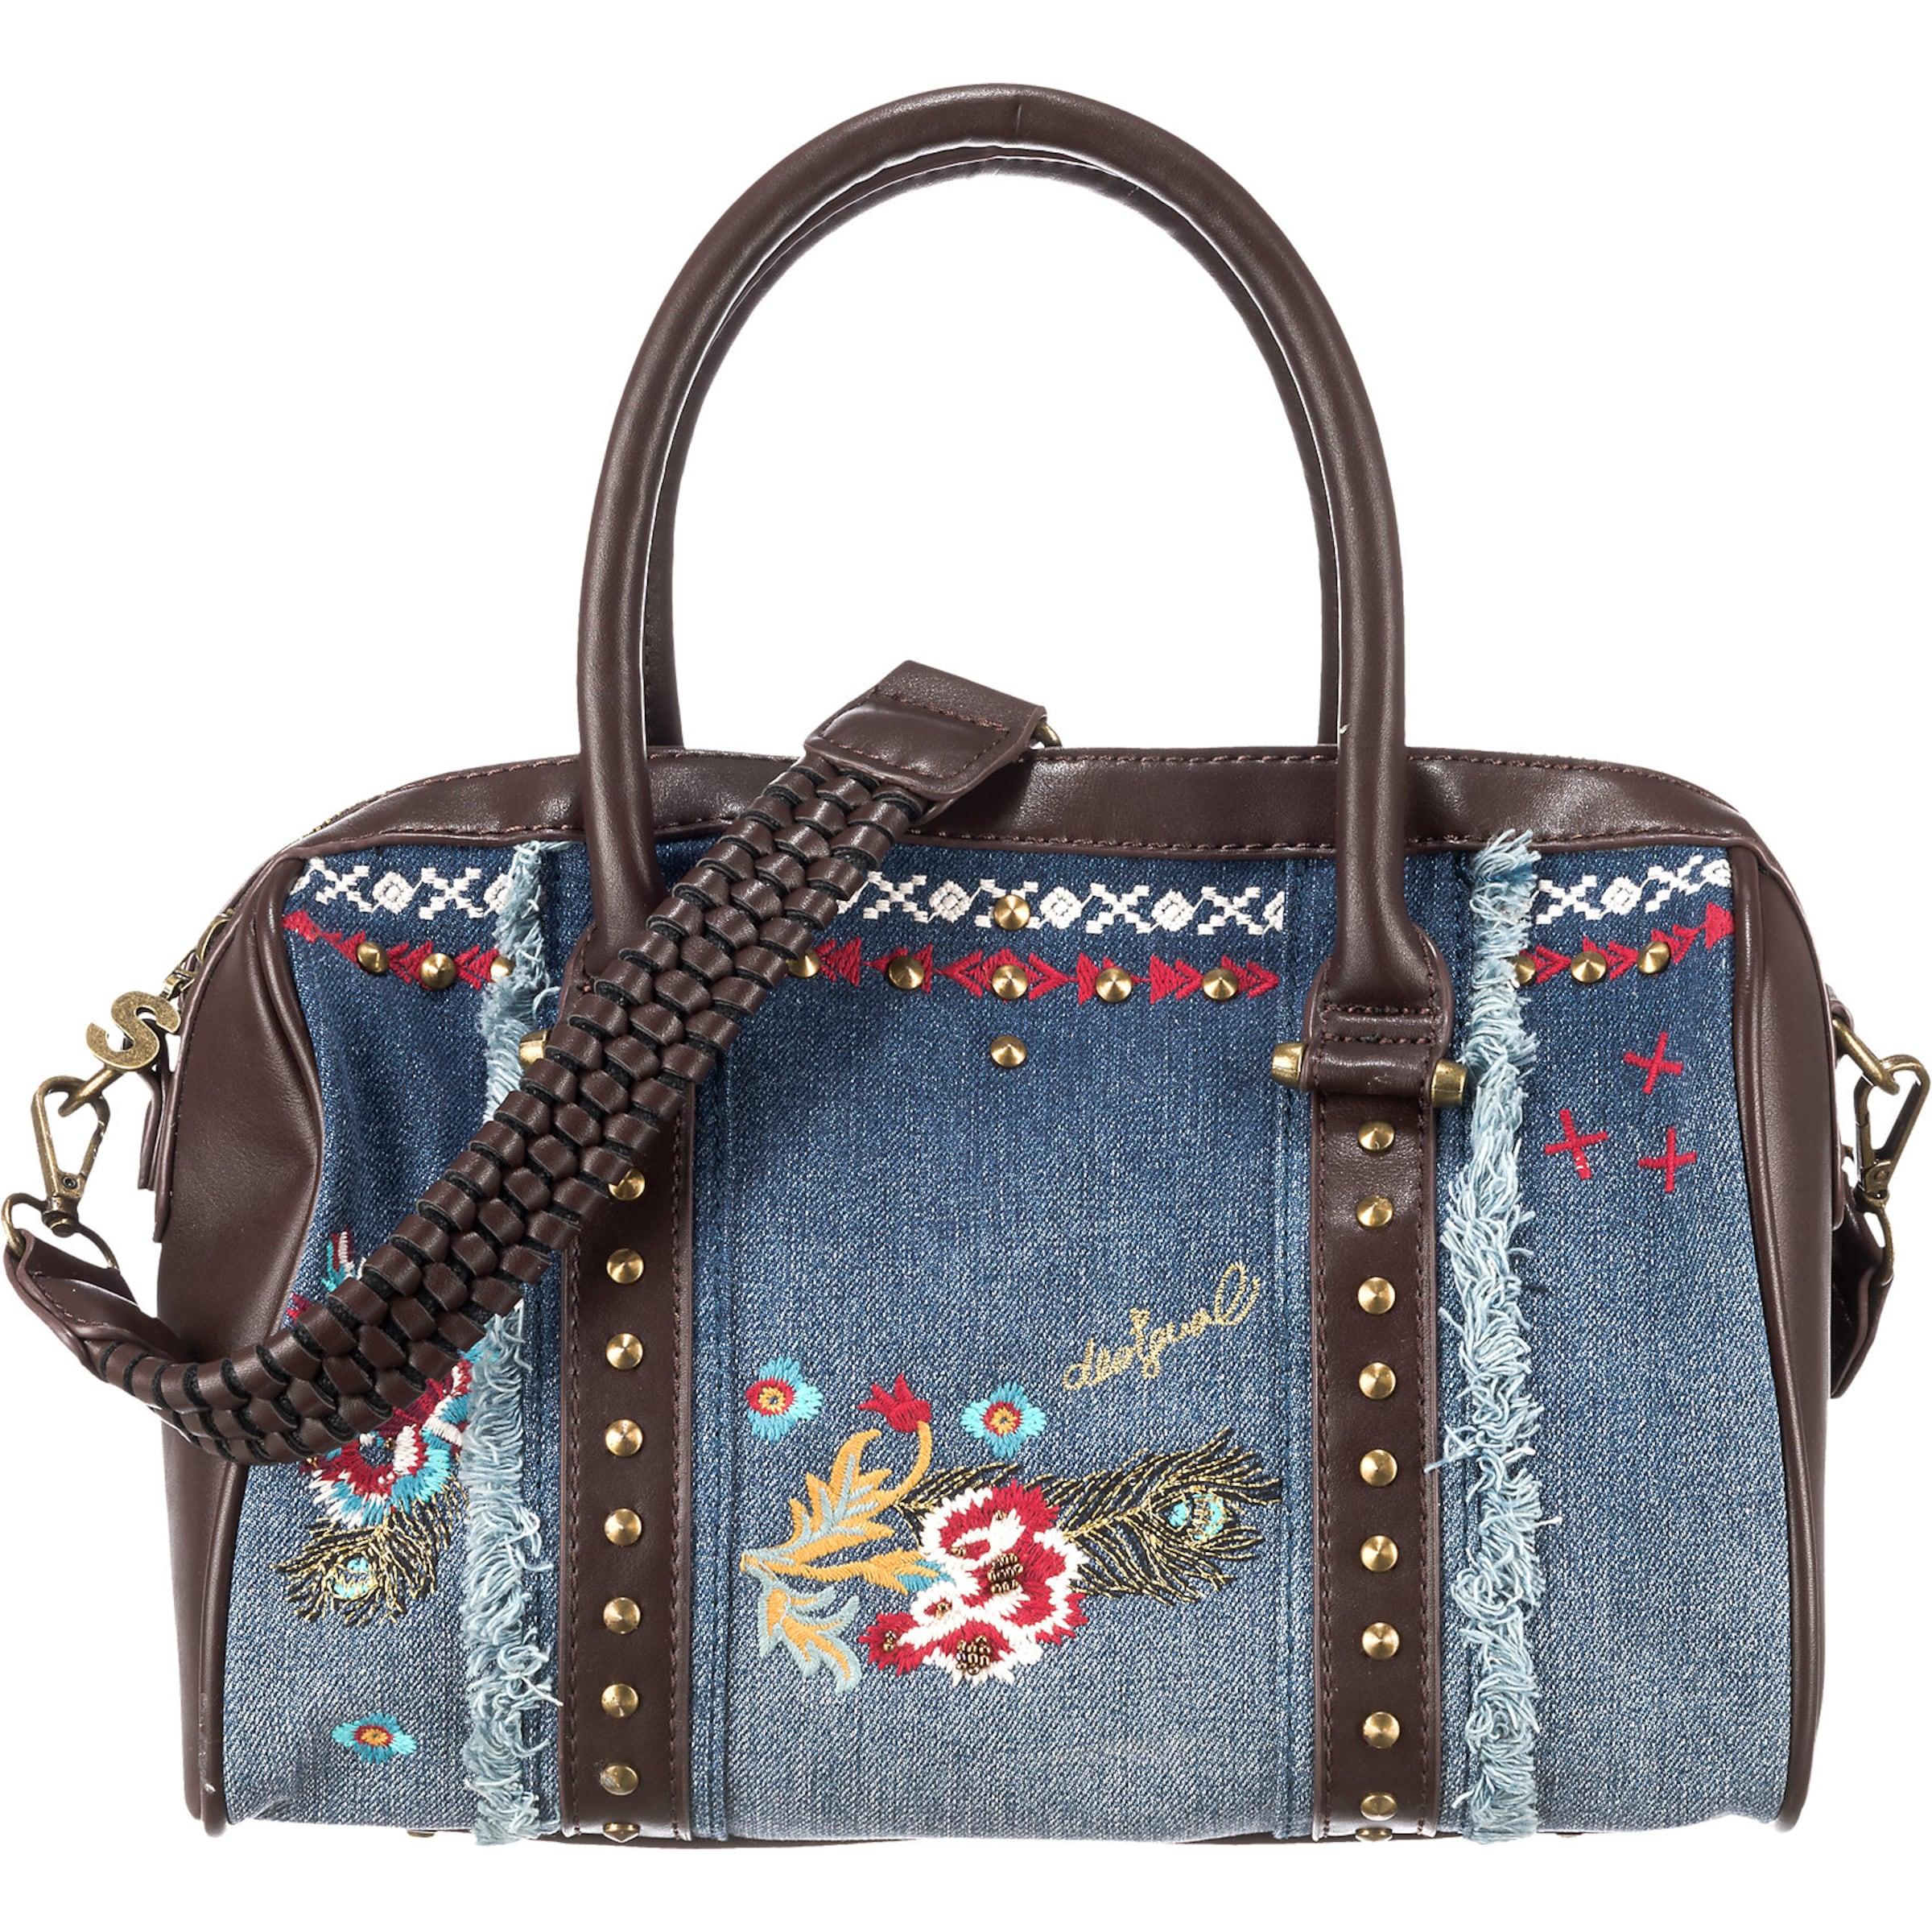 Desigual BOLS Malta Jade Handtasche 29 cm Freies Verschiffen Günstig Online Freies Verschiffen Veröffentlichungstermine Niedriger Preis WWDNHagvhf